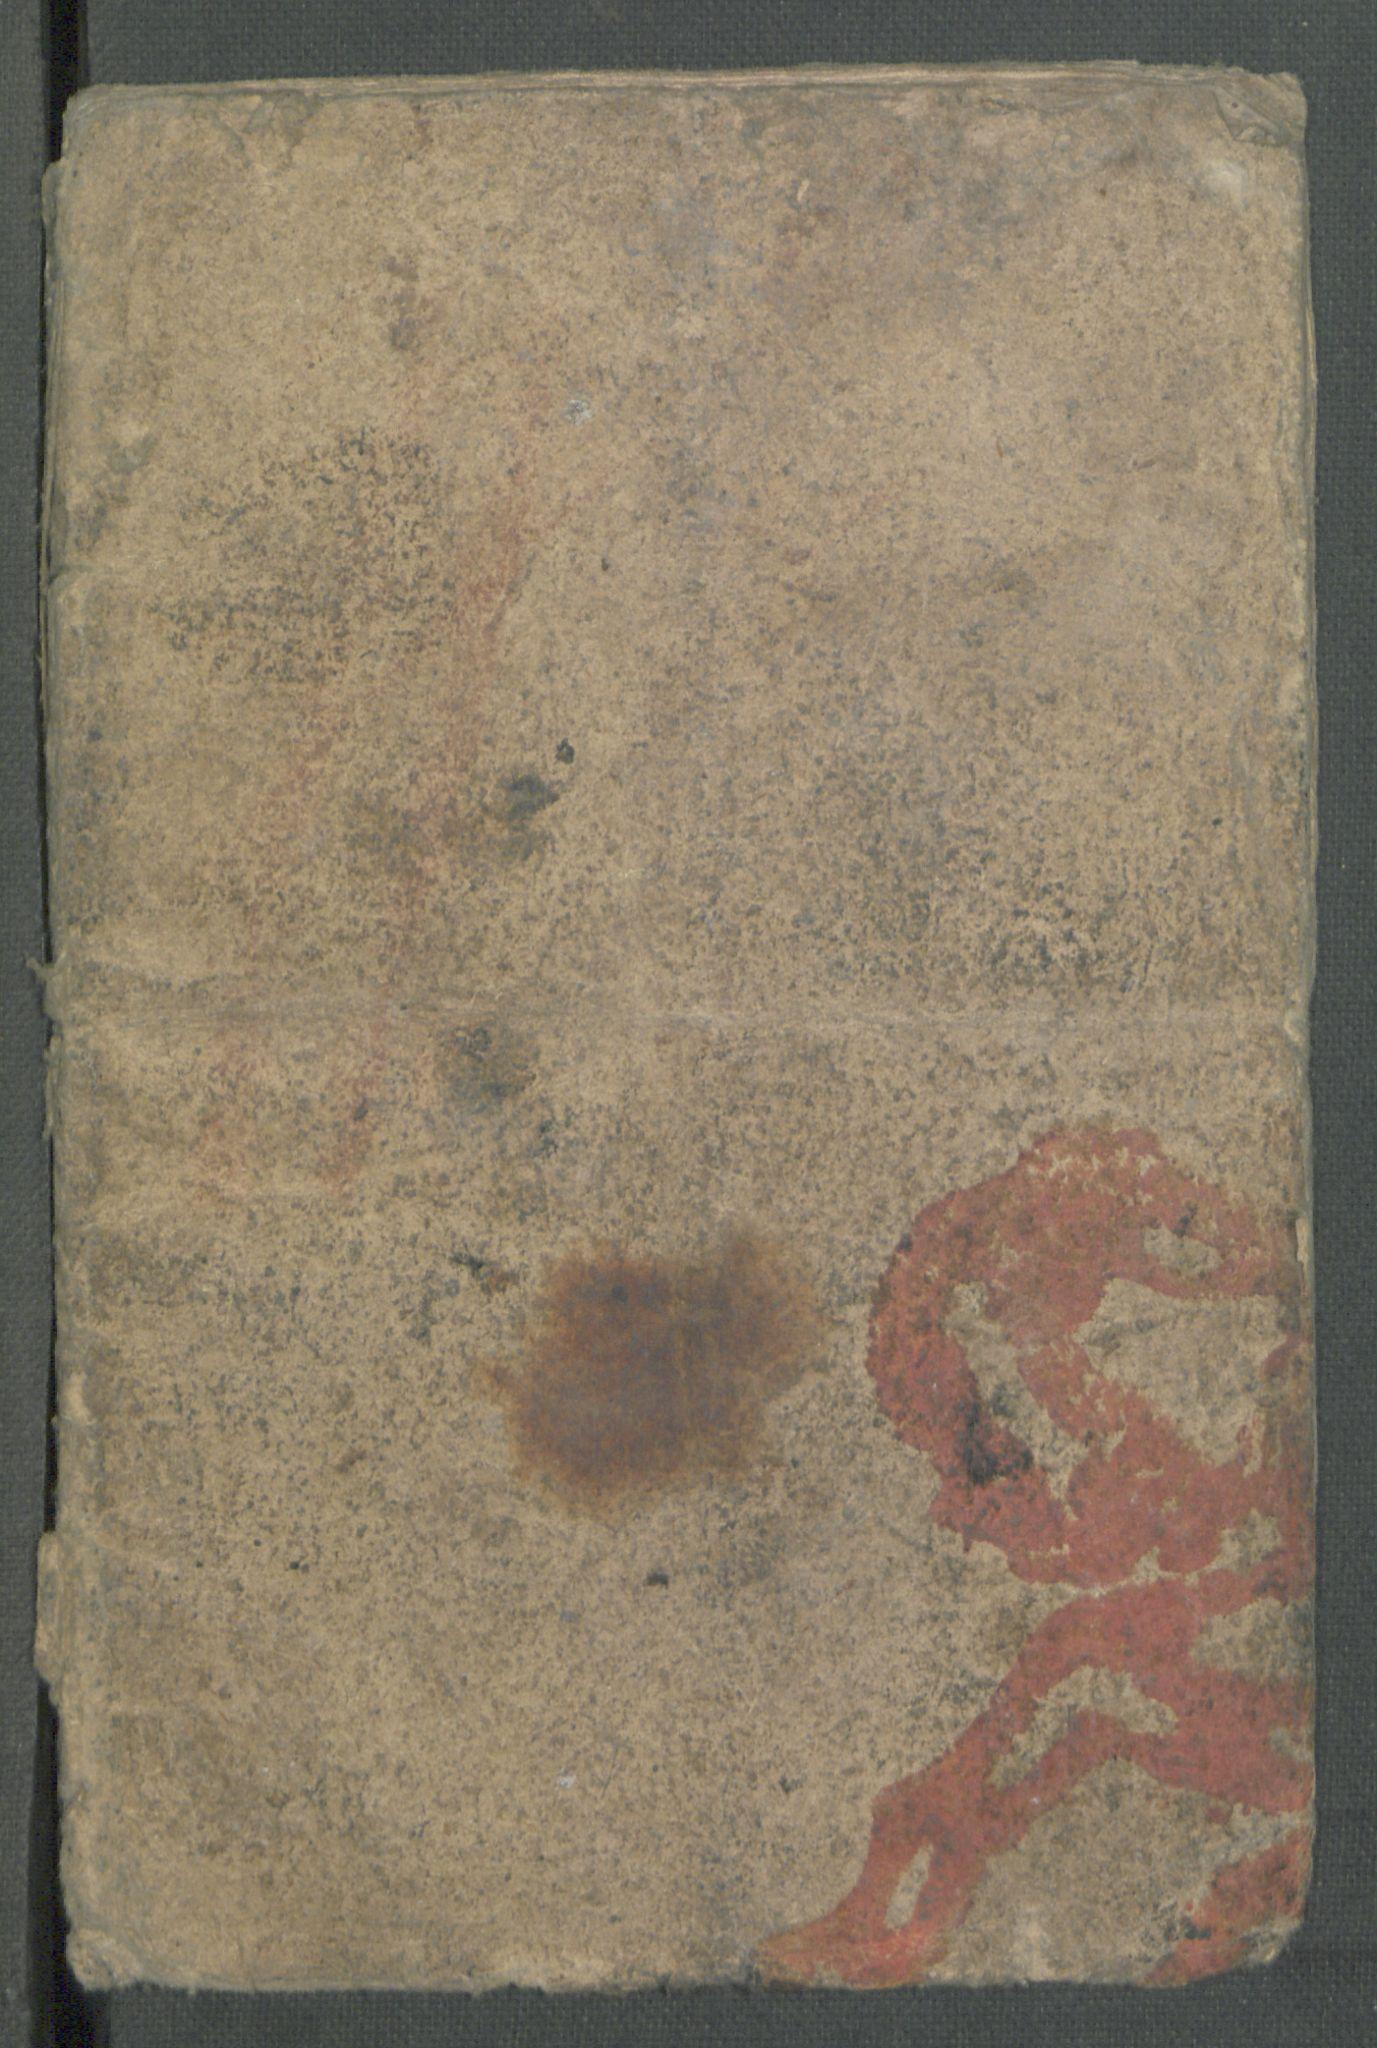 RA, Rentekammeret inntil 1814, Realistisk ordnet avdeling, Od/L0001: Oppløp, 1786-1769, s. 613